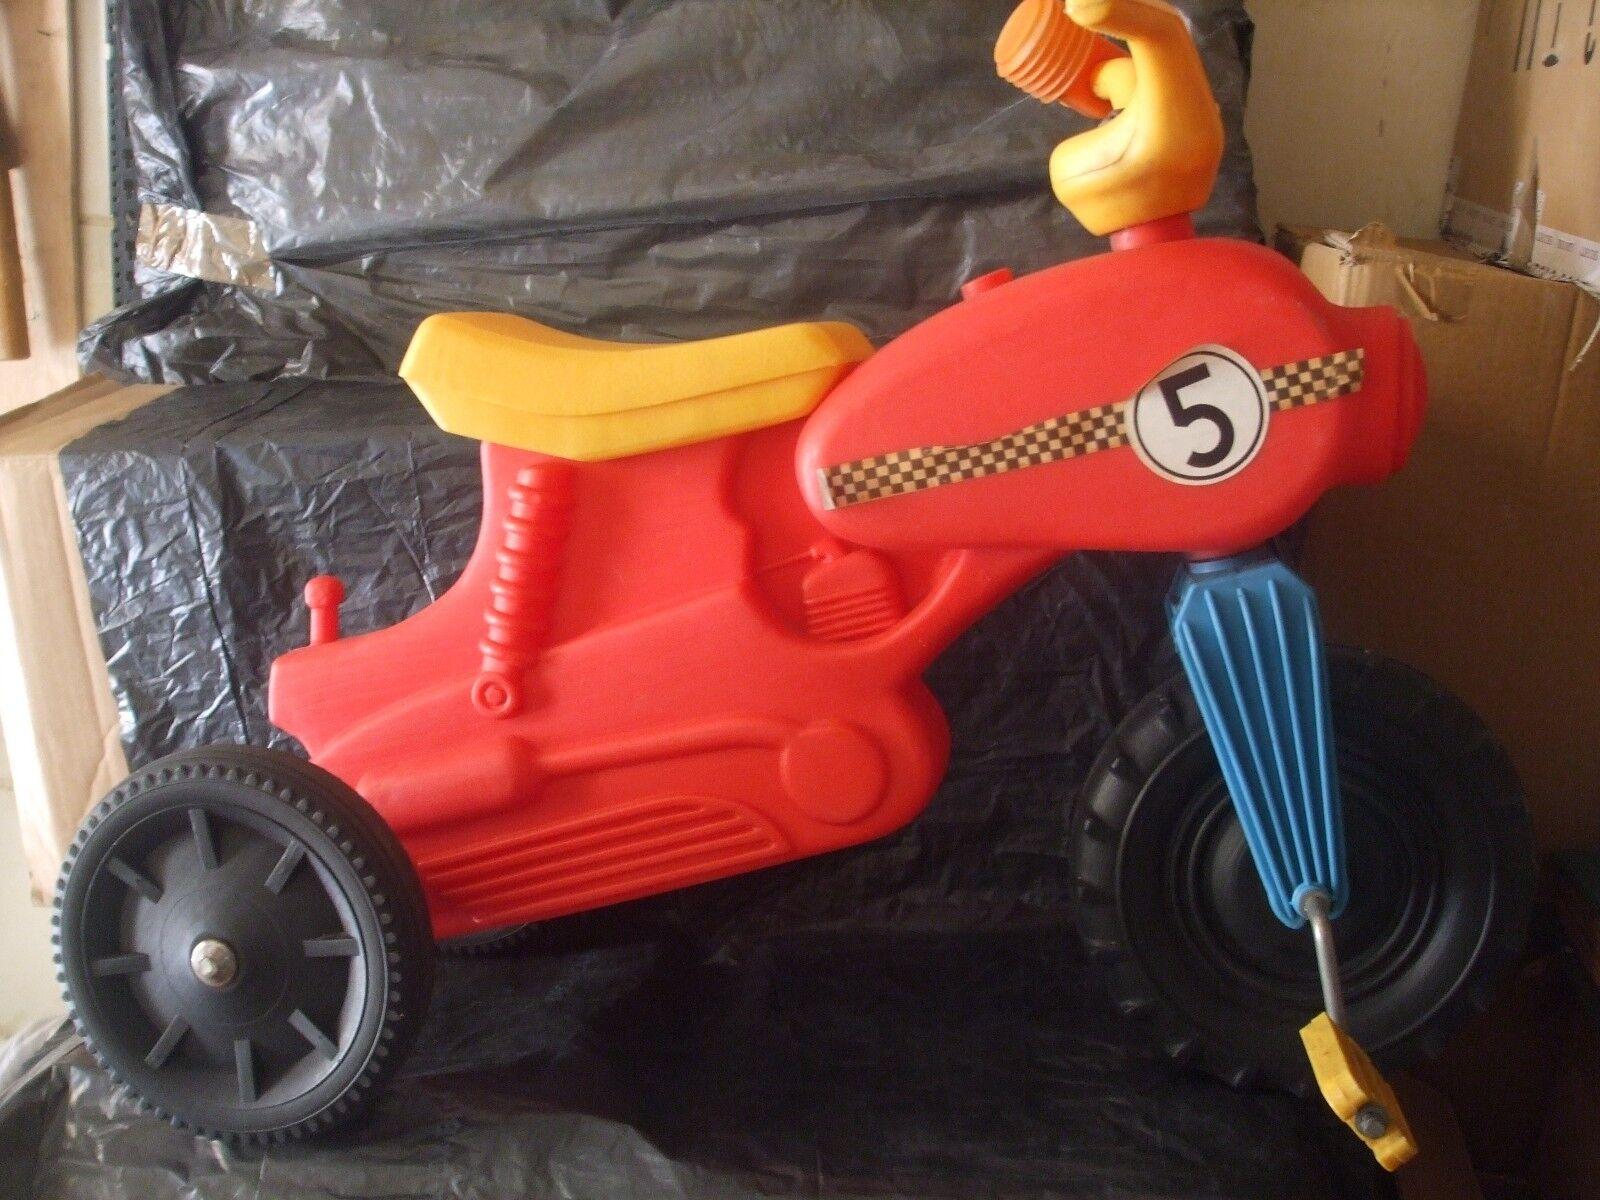 VINTAGE TRICYCLE RIDE ON VINTAGE TRICYCLE MOTORBIKE PLASTIC 3 WHEELER RIDE (Used - 70 USD)